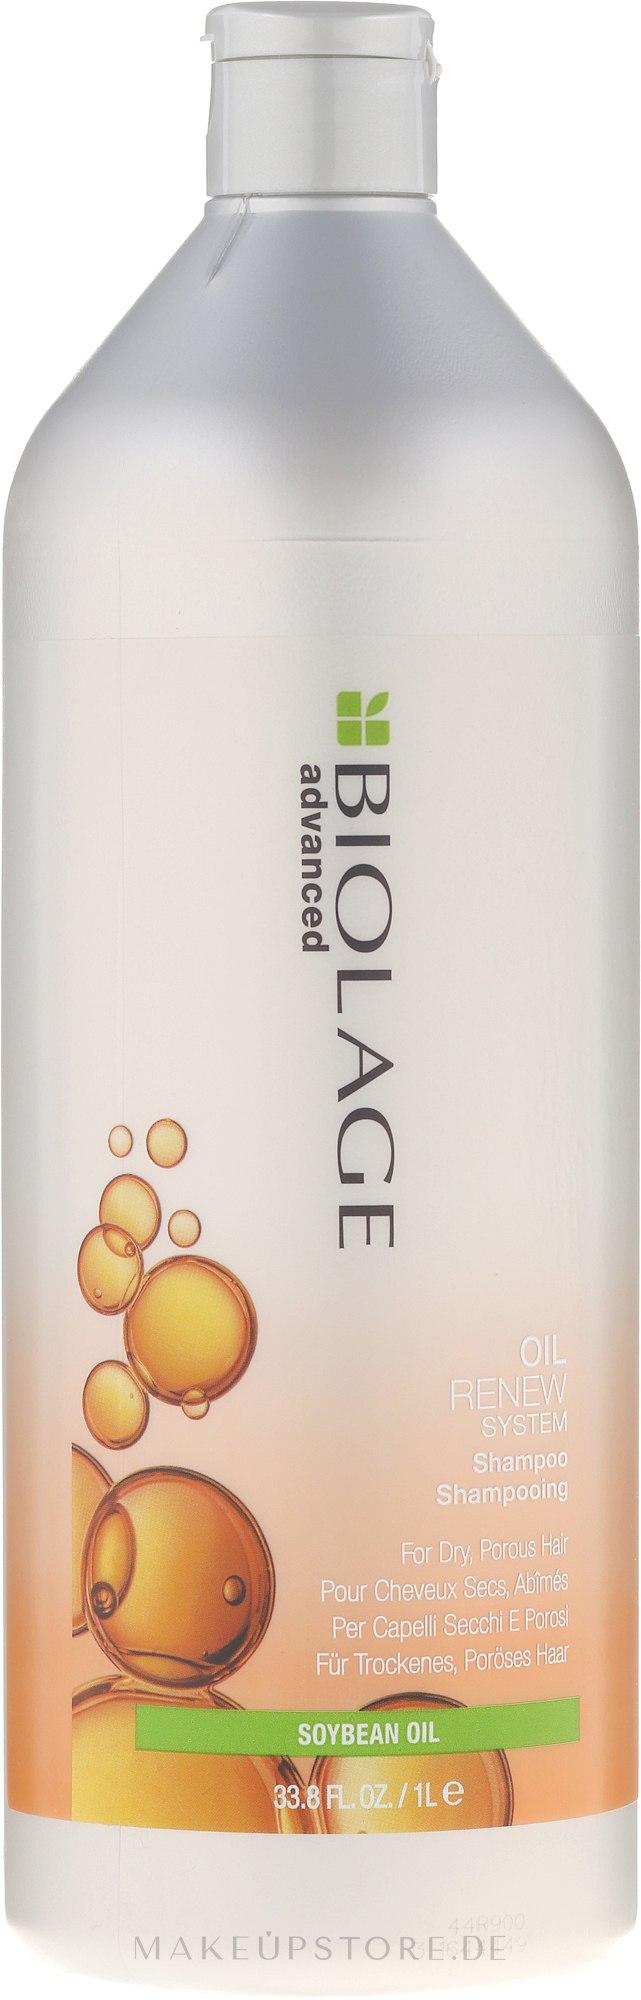 Revitalisierendes Shampoo für stark strukturgeschädigtes und brüchiges Haar - Biolage Advanced Oil Renew Shampoo — Bild 1000 ml